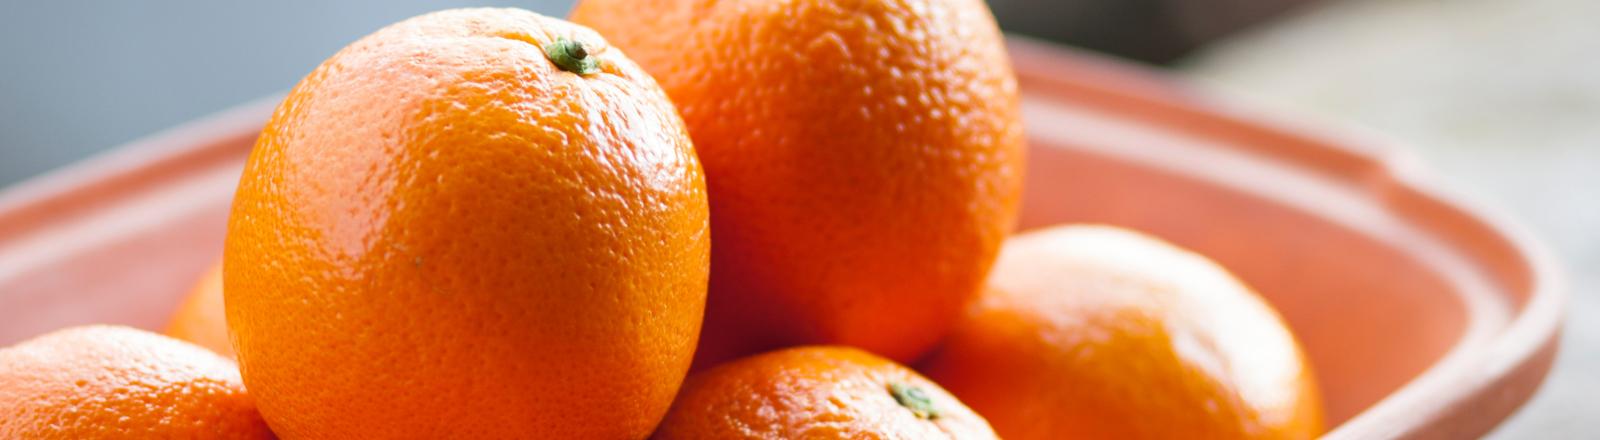 Schale mit Orangen